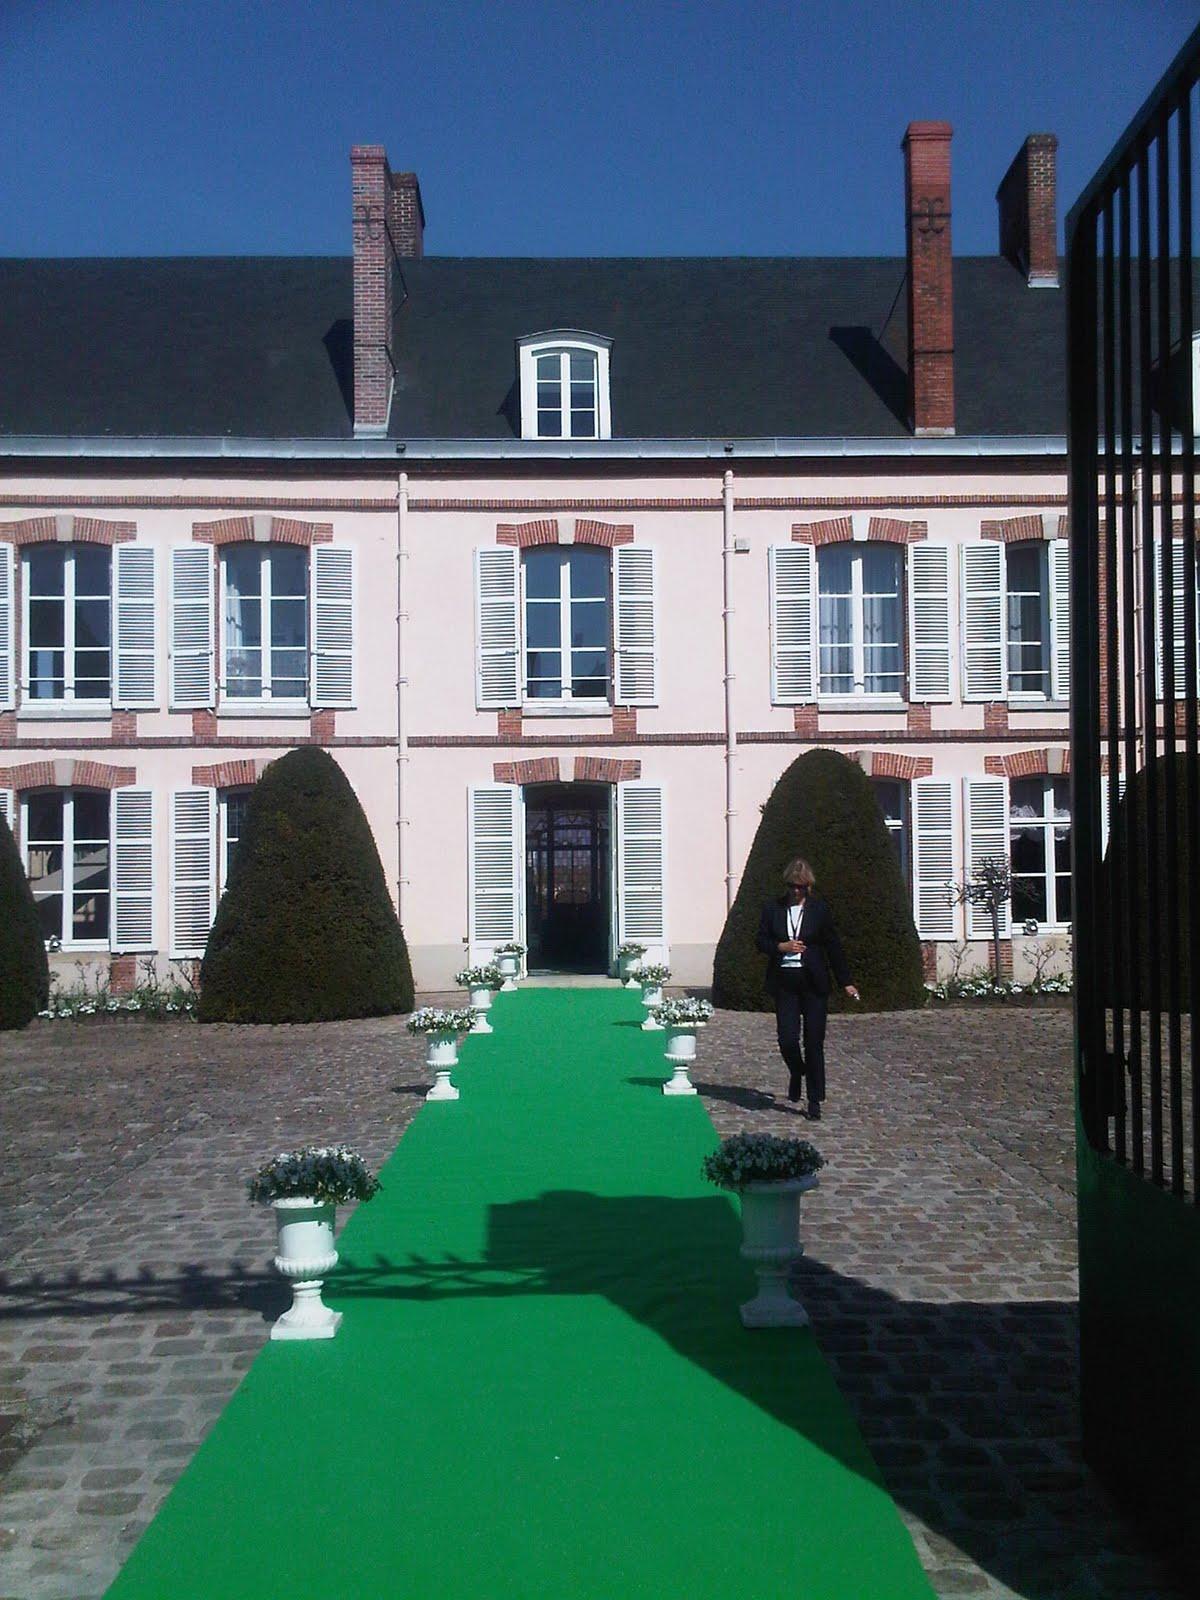 The perrier jou t journey iv maison belle epoque part for Antieke bouwmaterialen maison belle epoque